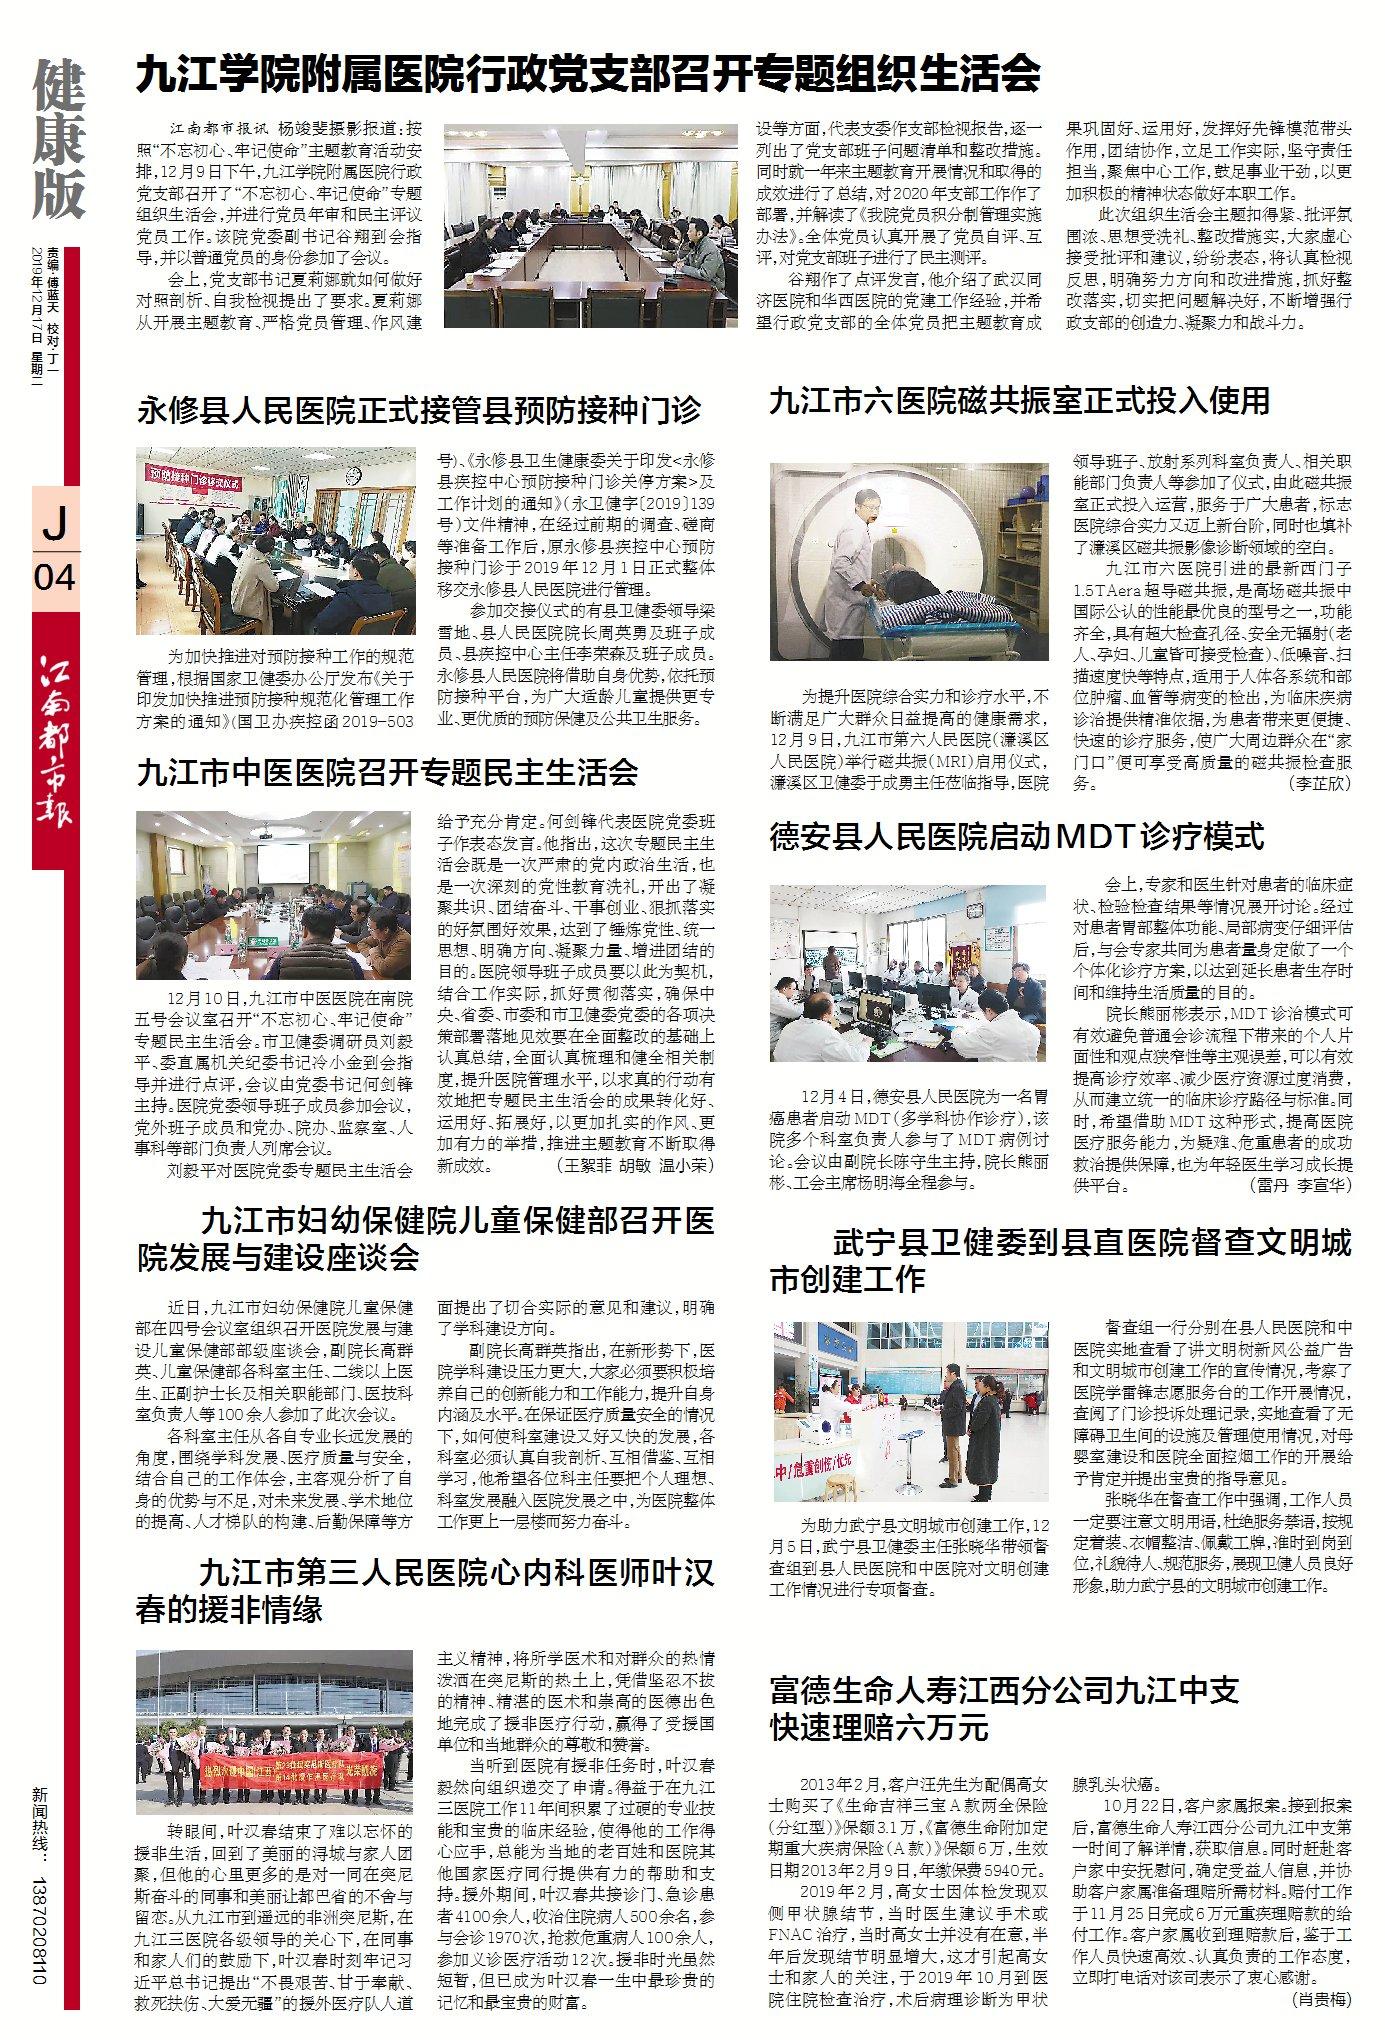 2019年12月17日江南都市报《亚博体育app苹果新闻》4版